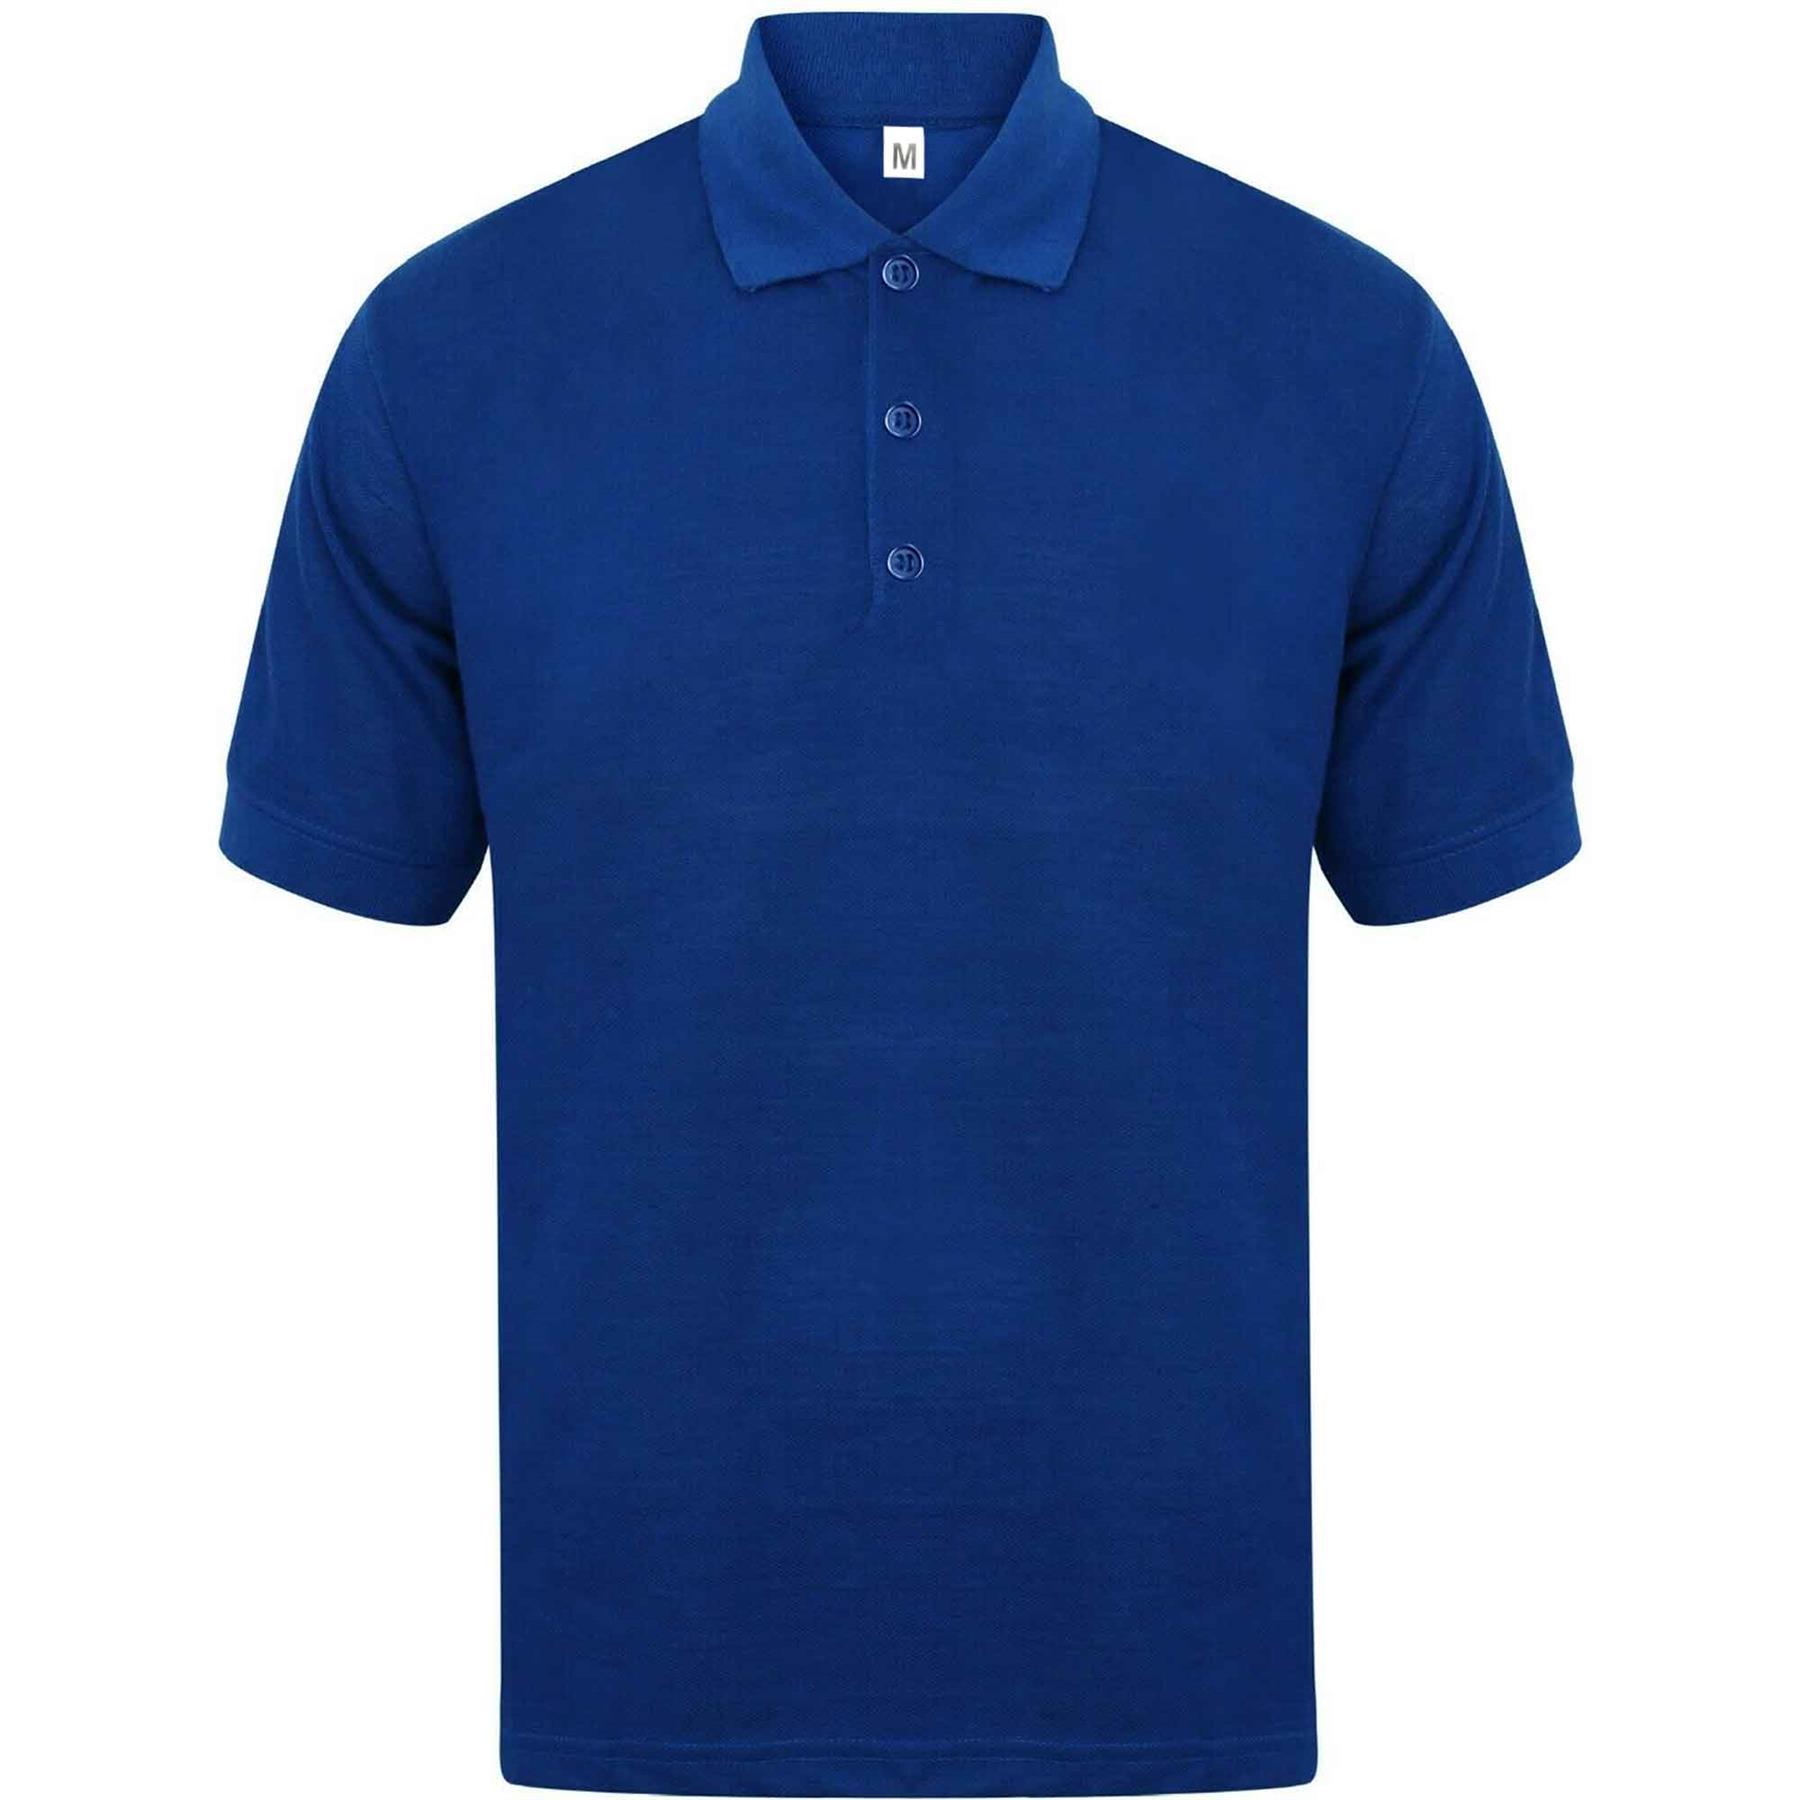 Indexbild 53 - Herren Polohemd Freizeit T-Shirts Neu Schlicht Kurzärmeliges Regular Fit